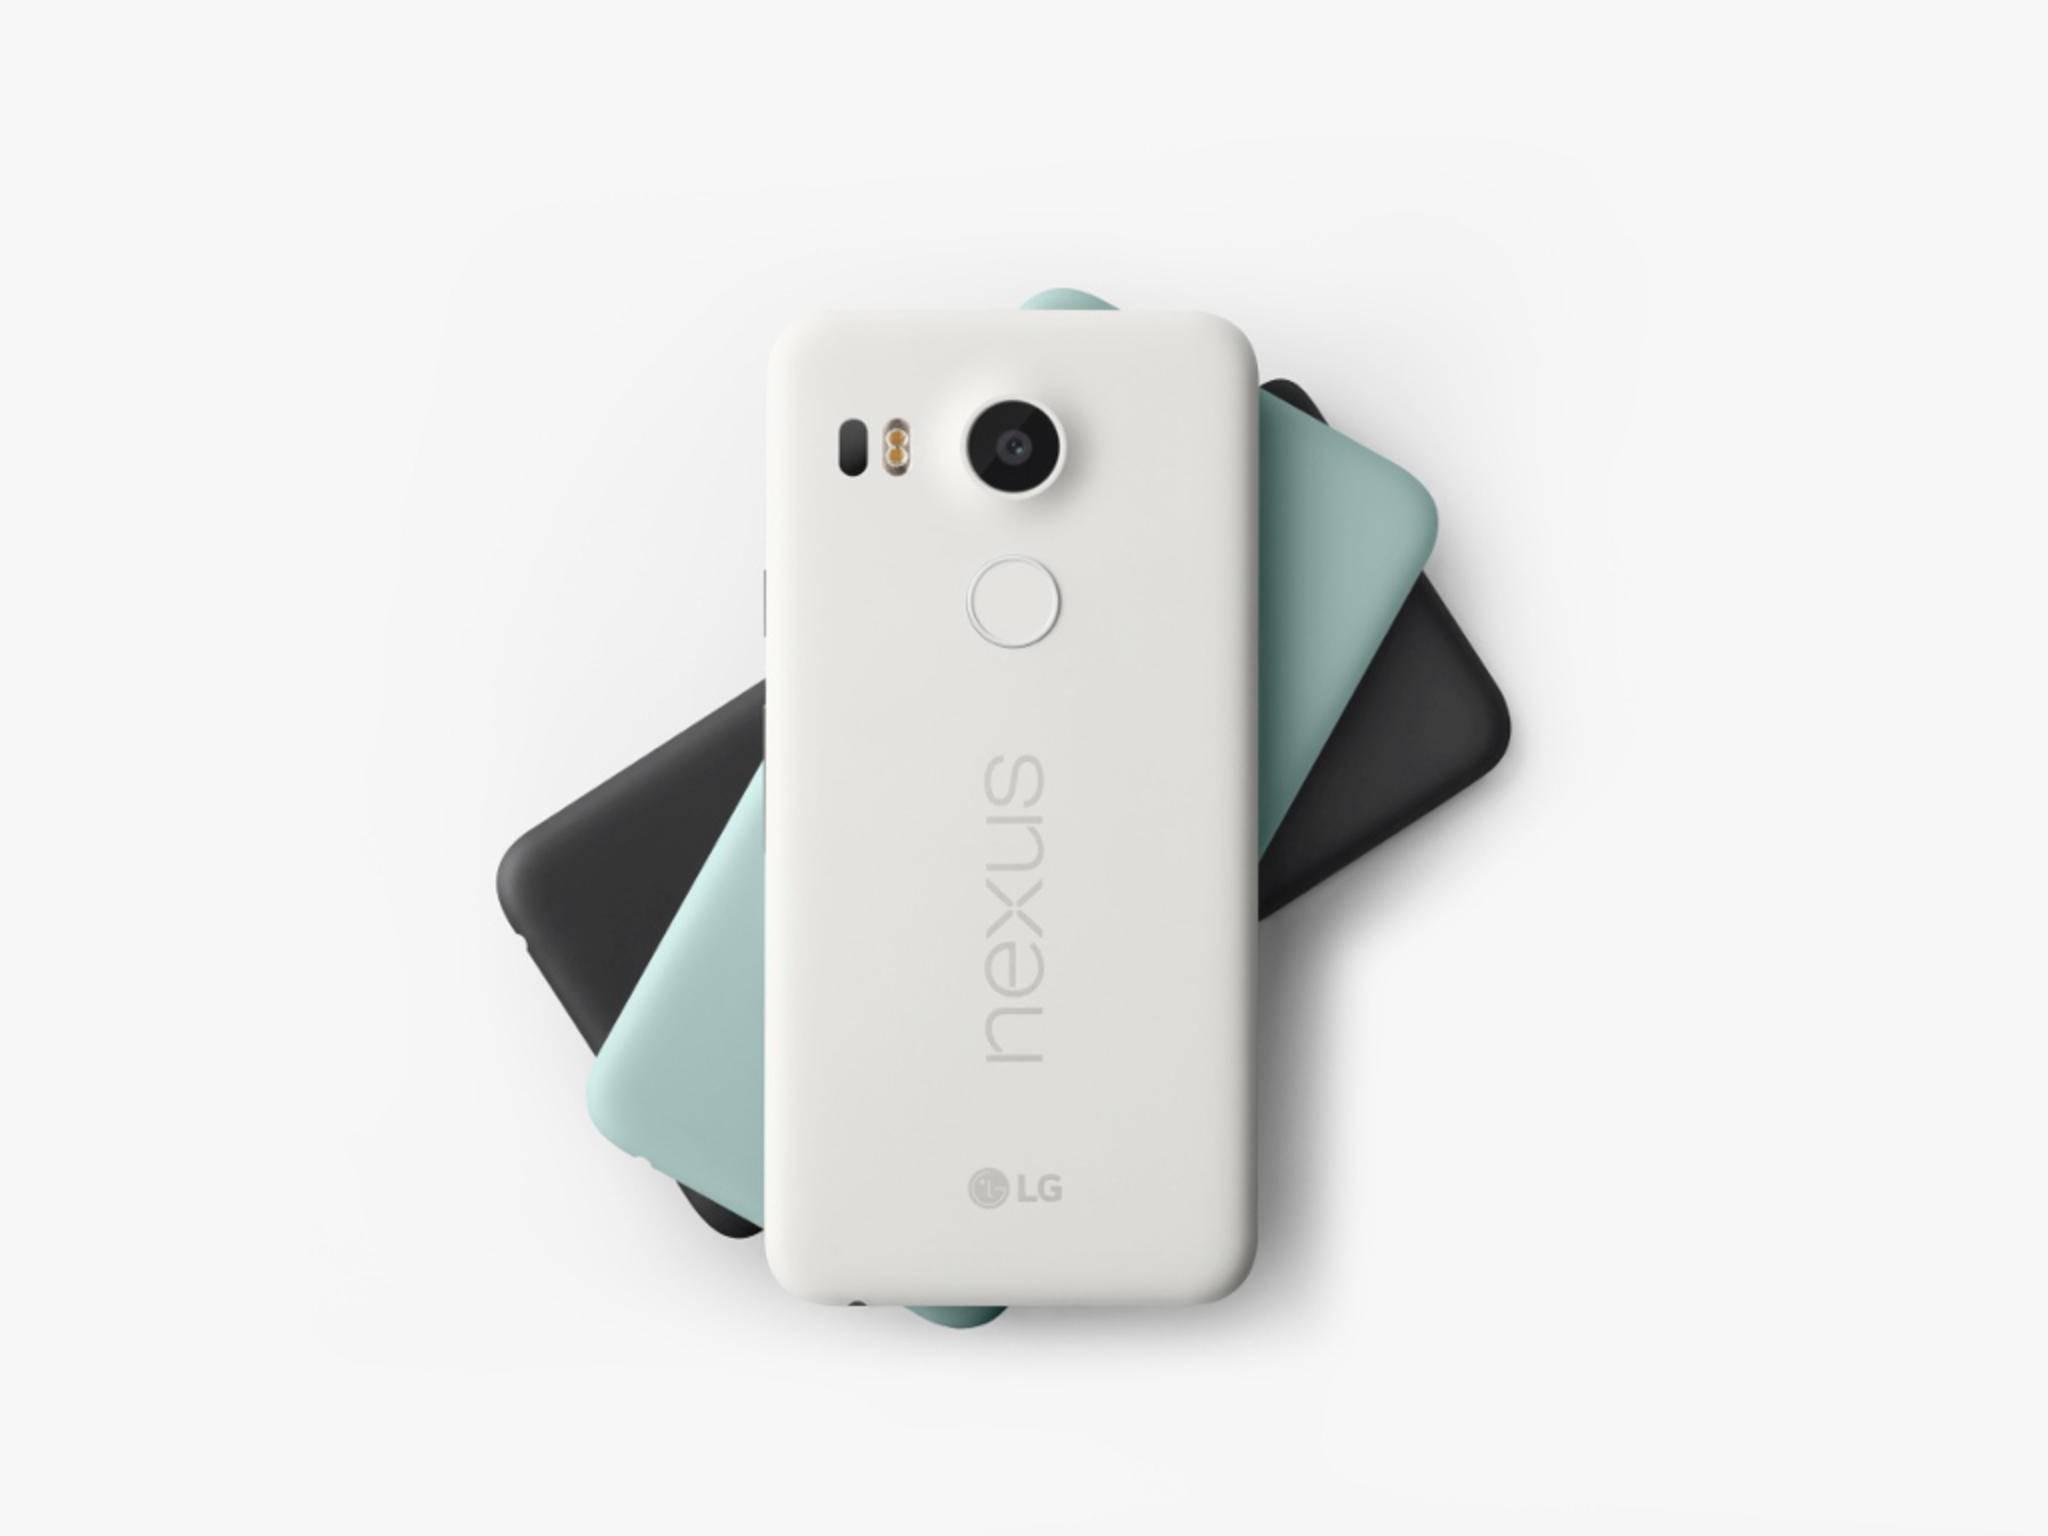 Das Google Nexus 5X kommt ab Werk mit Android 6.0.